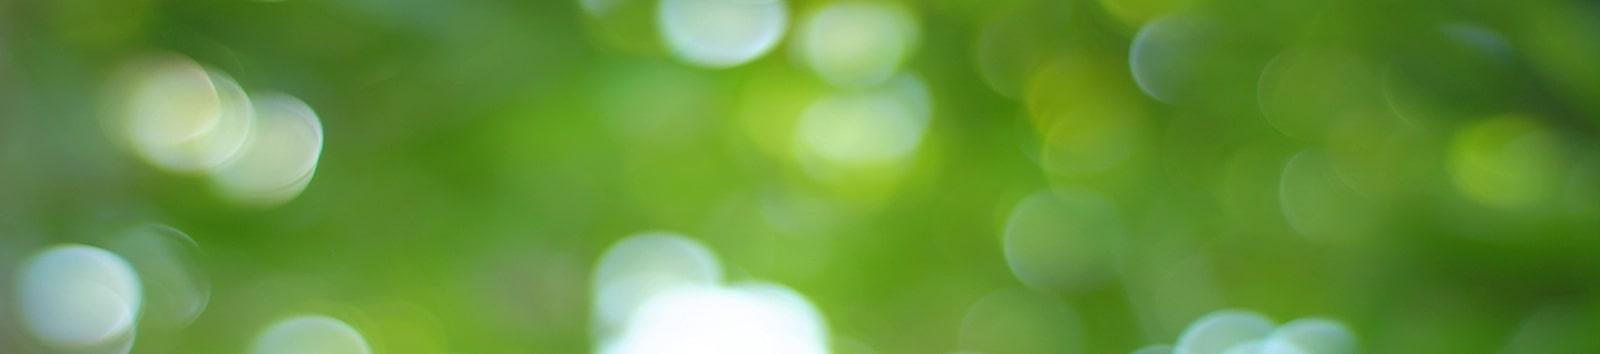 EnergyGO - Tarifas 100% verdes para pagar menos en tu factura de la luz